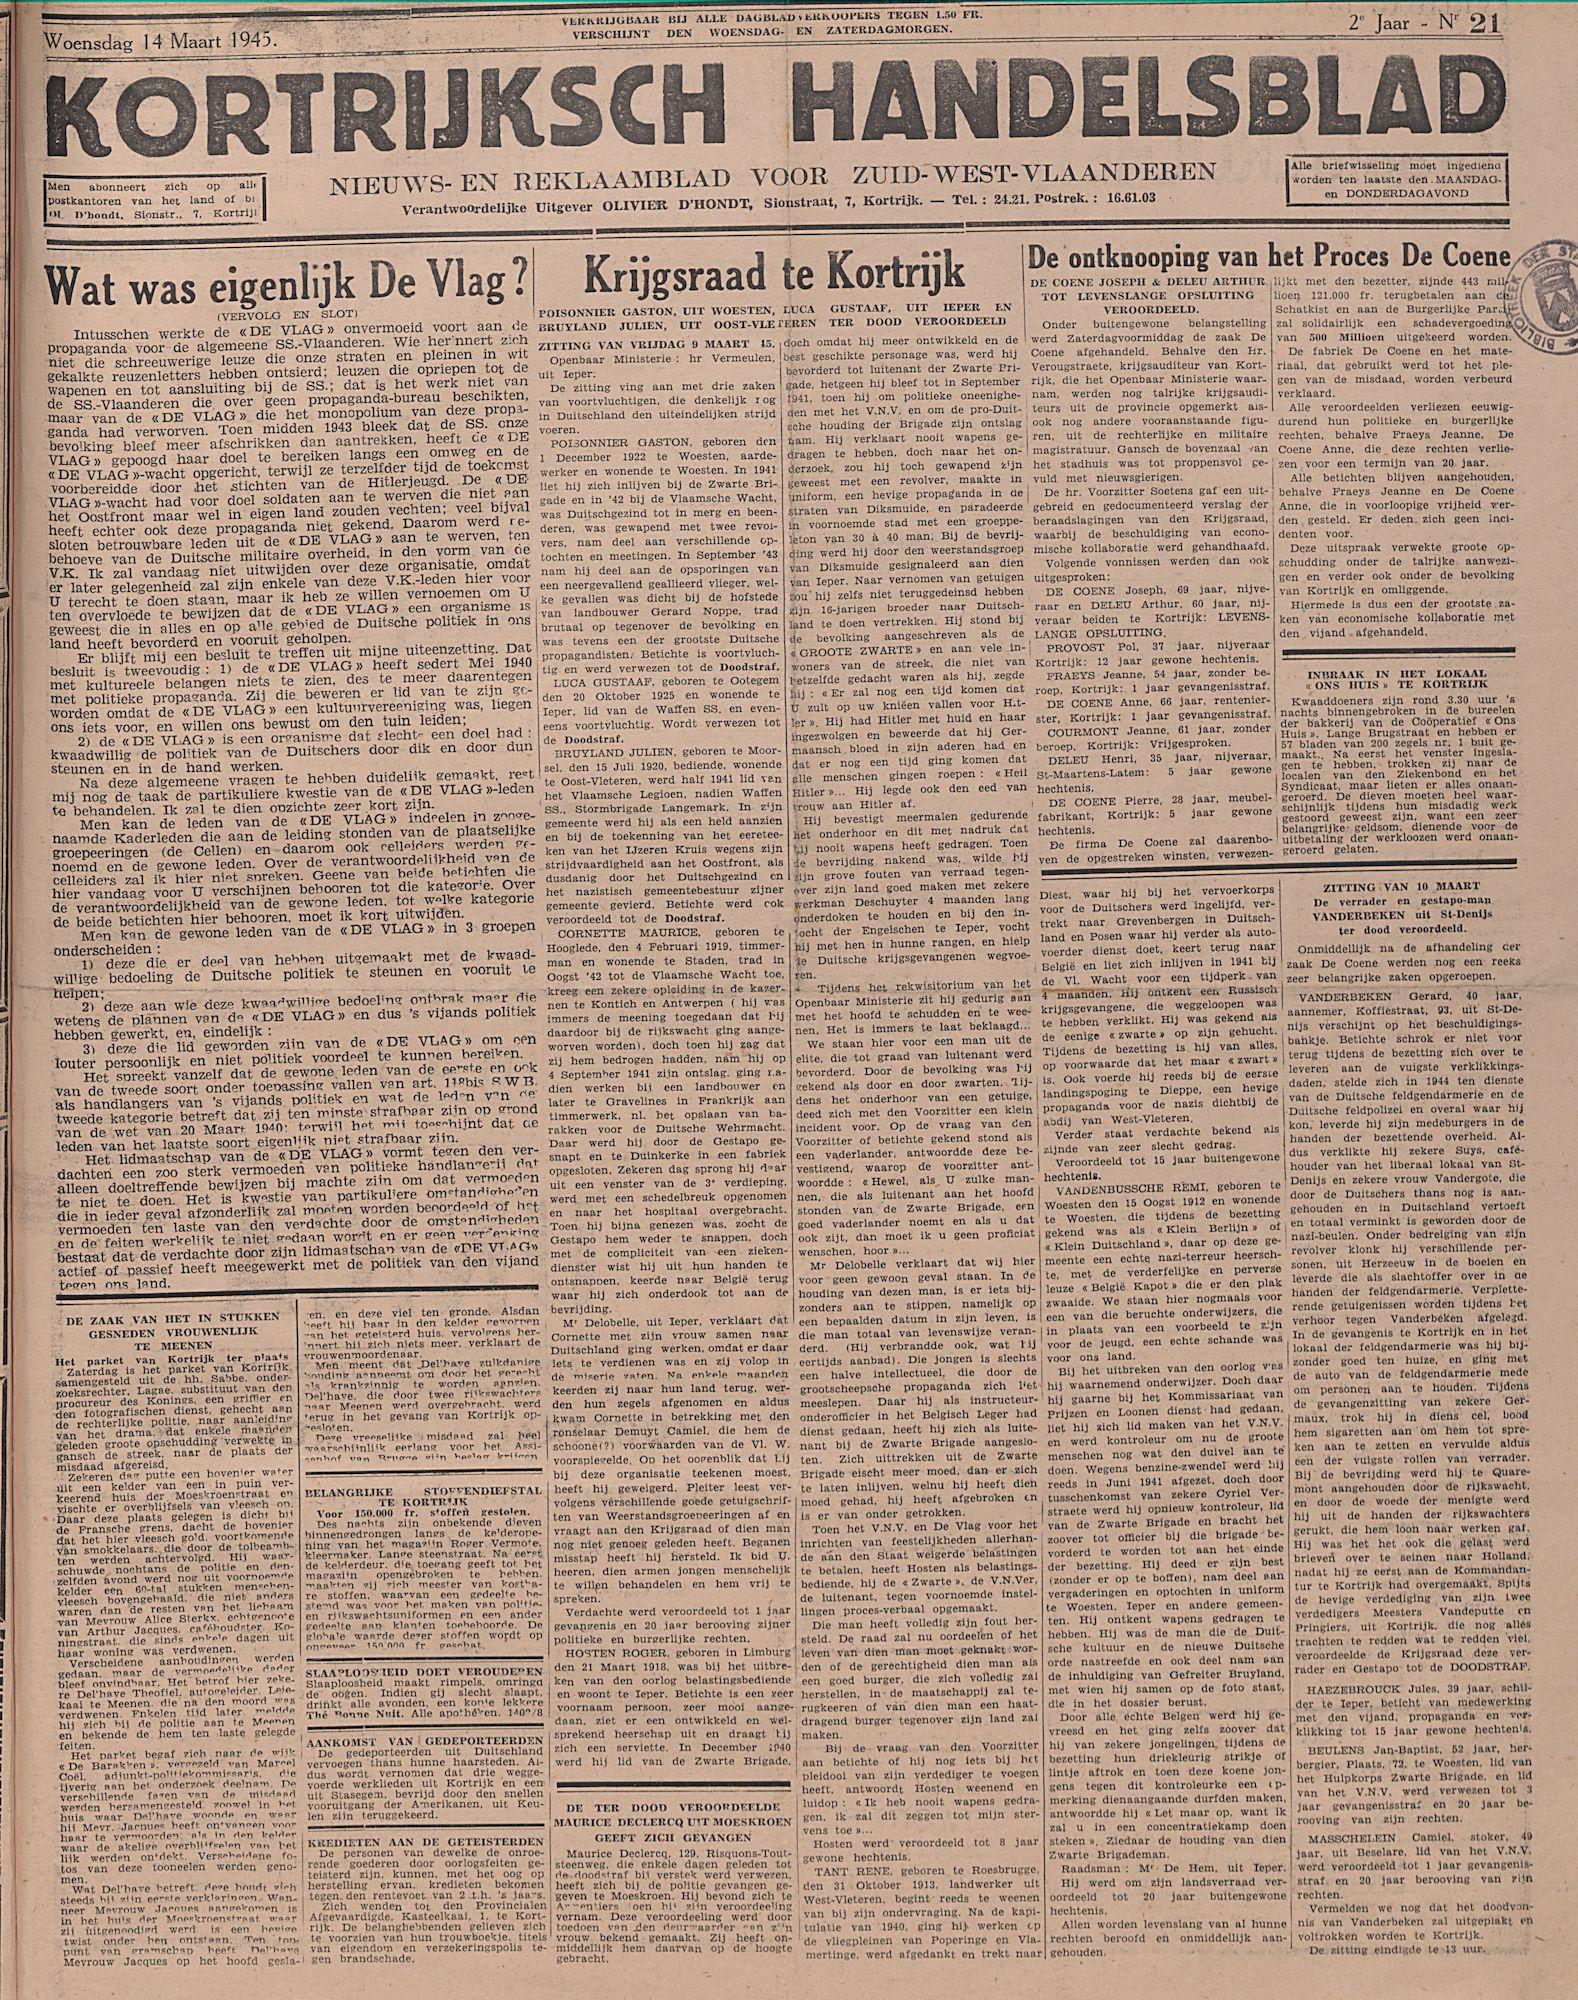 Kortrijksch Handelsblad 14 maart 1945 Nr21 p1